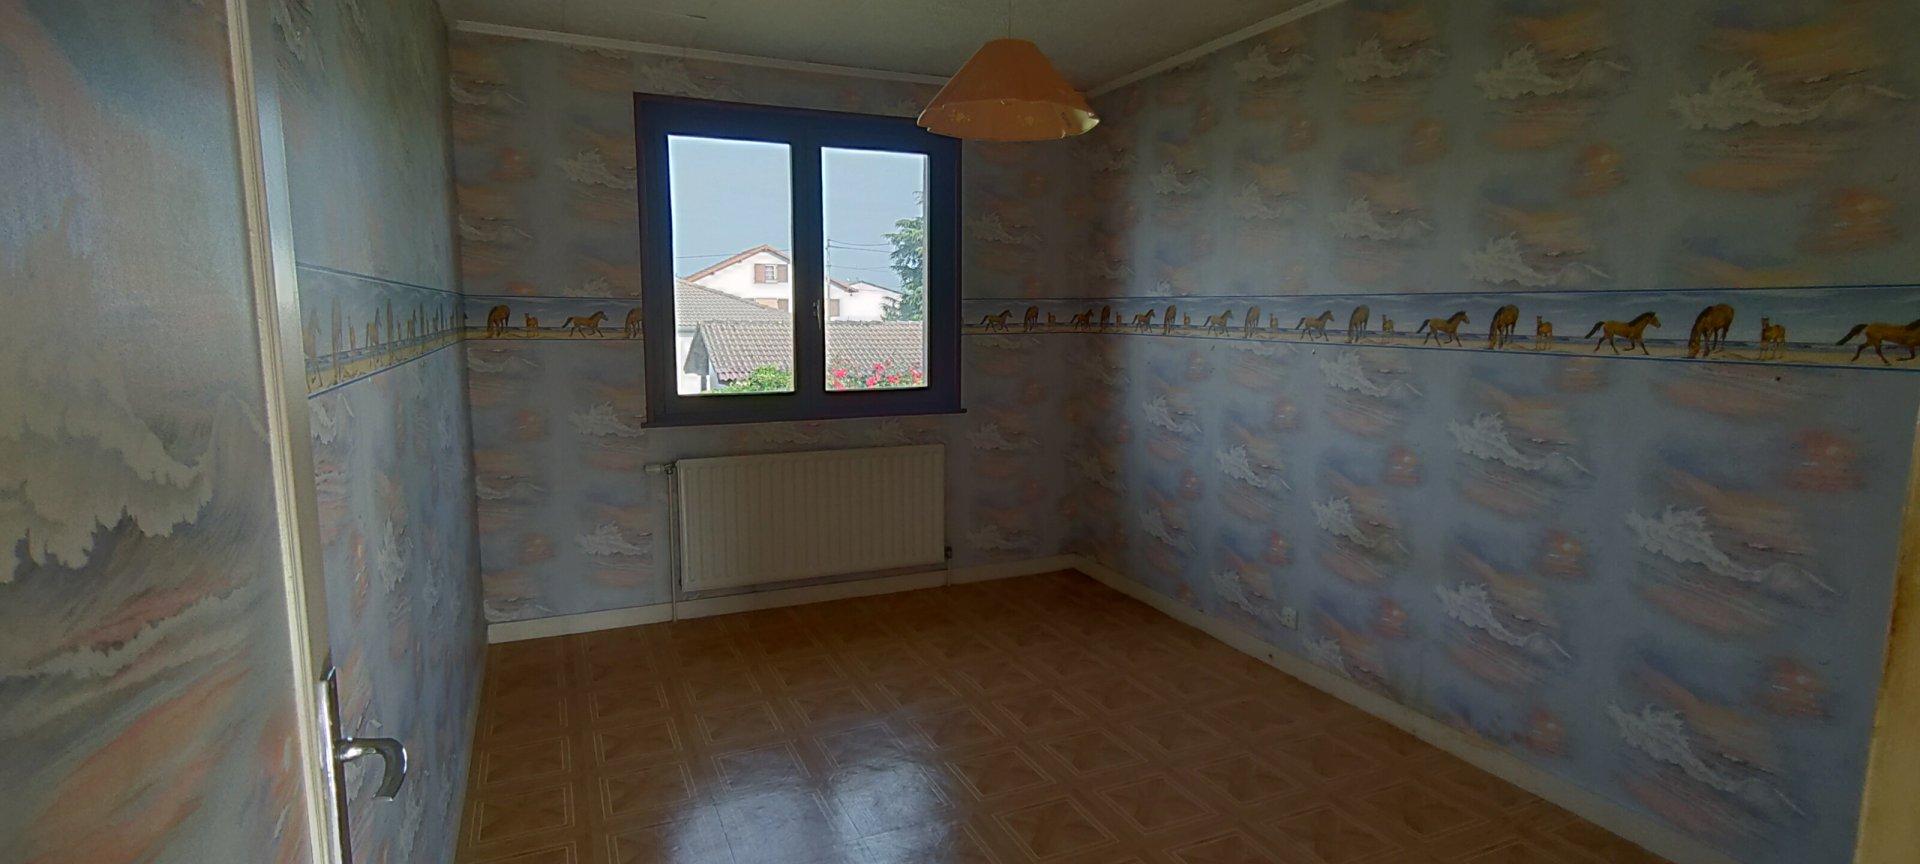 Maison Type 3 sur sous-sol complet